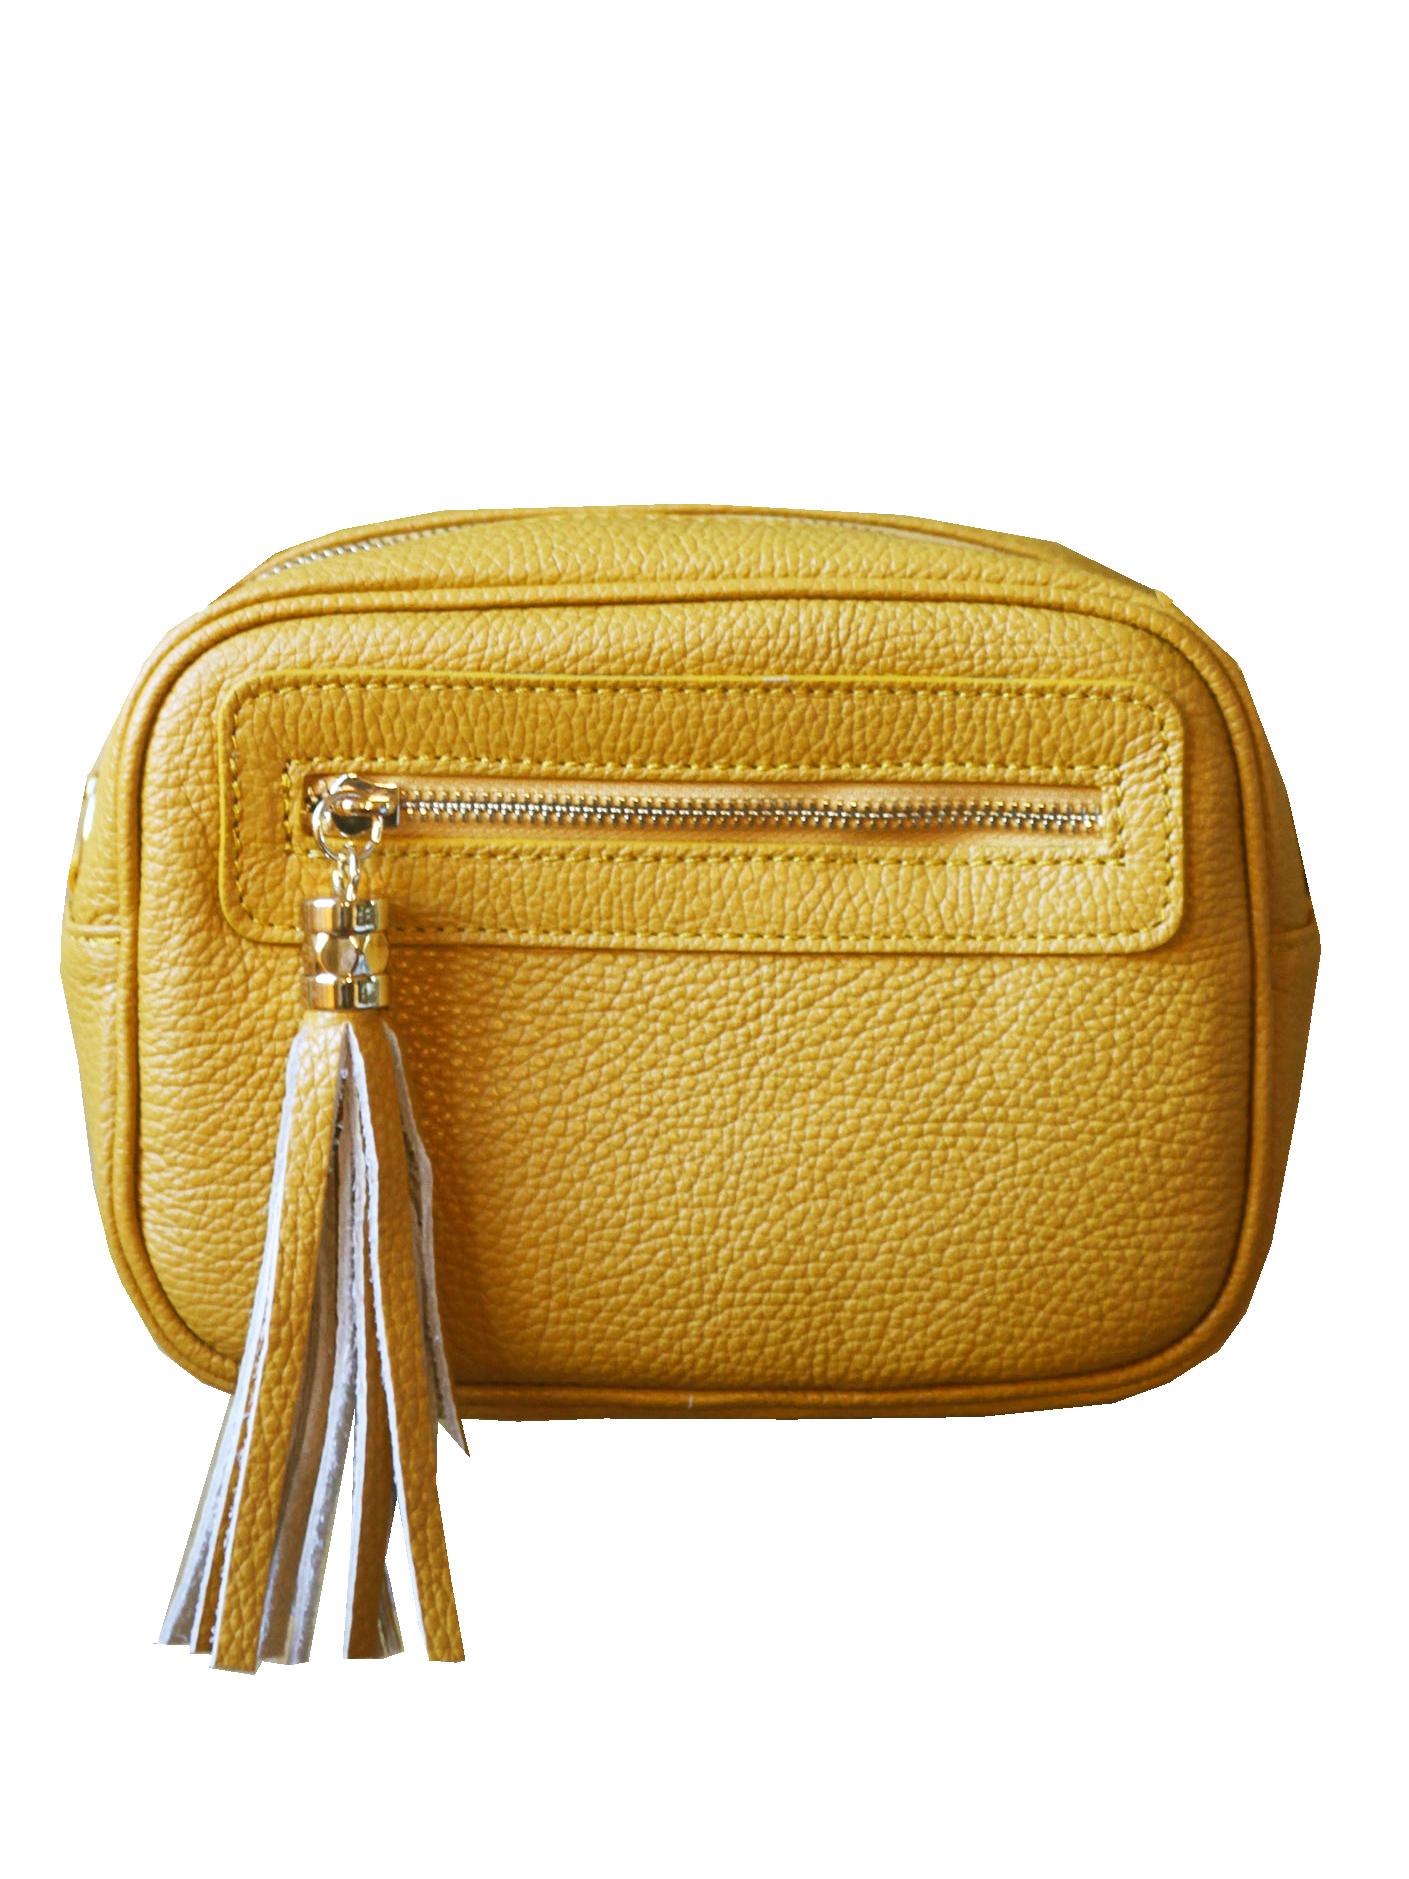 sac à main pochette bandoulière pompon cuir jaune safran